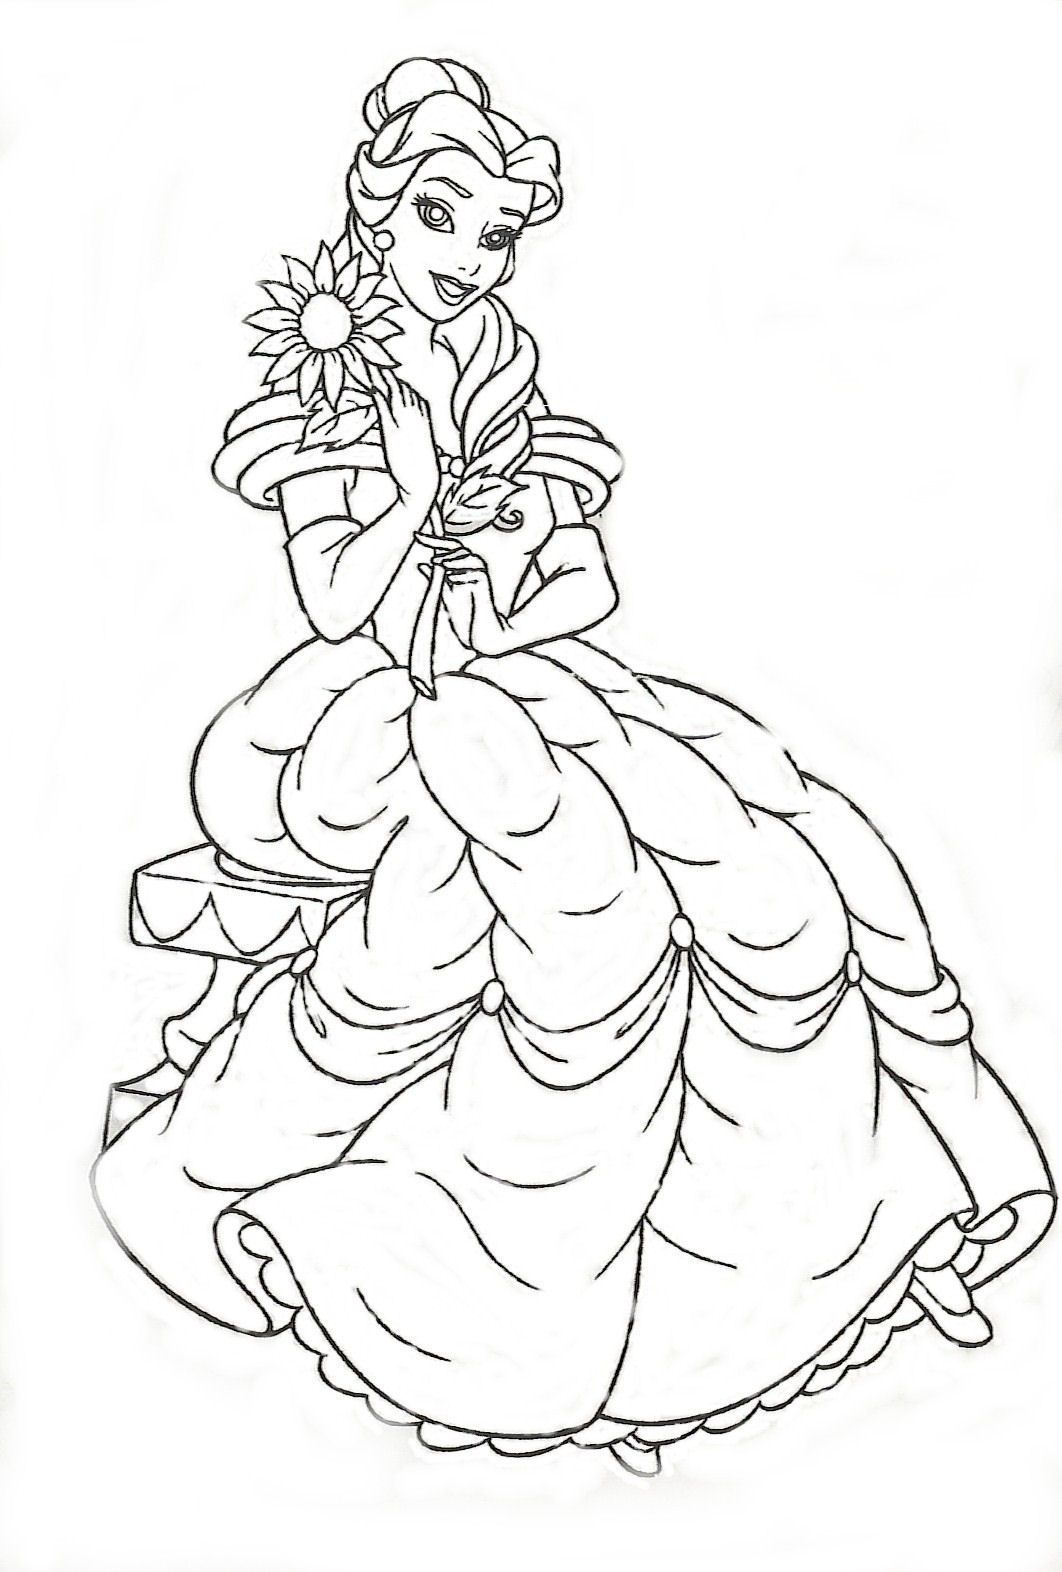 Dibujos para Colorear de Princesas  Mi Maestra de Primaria